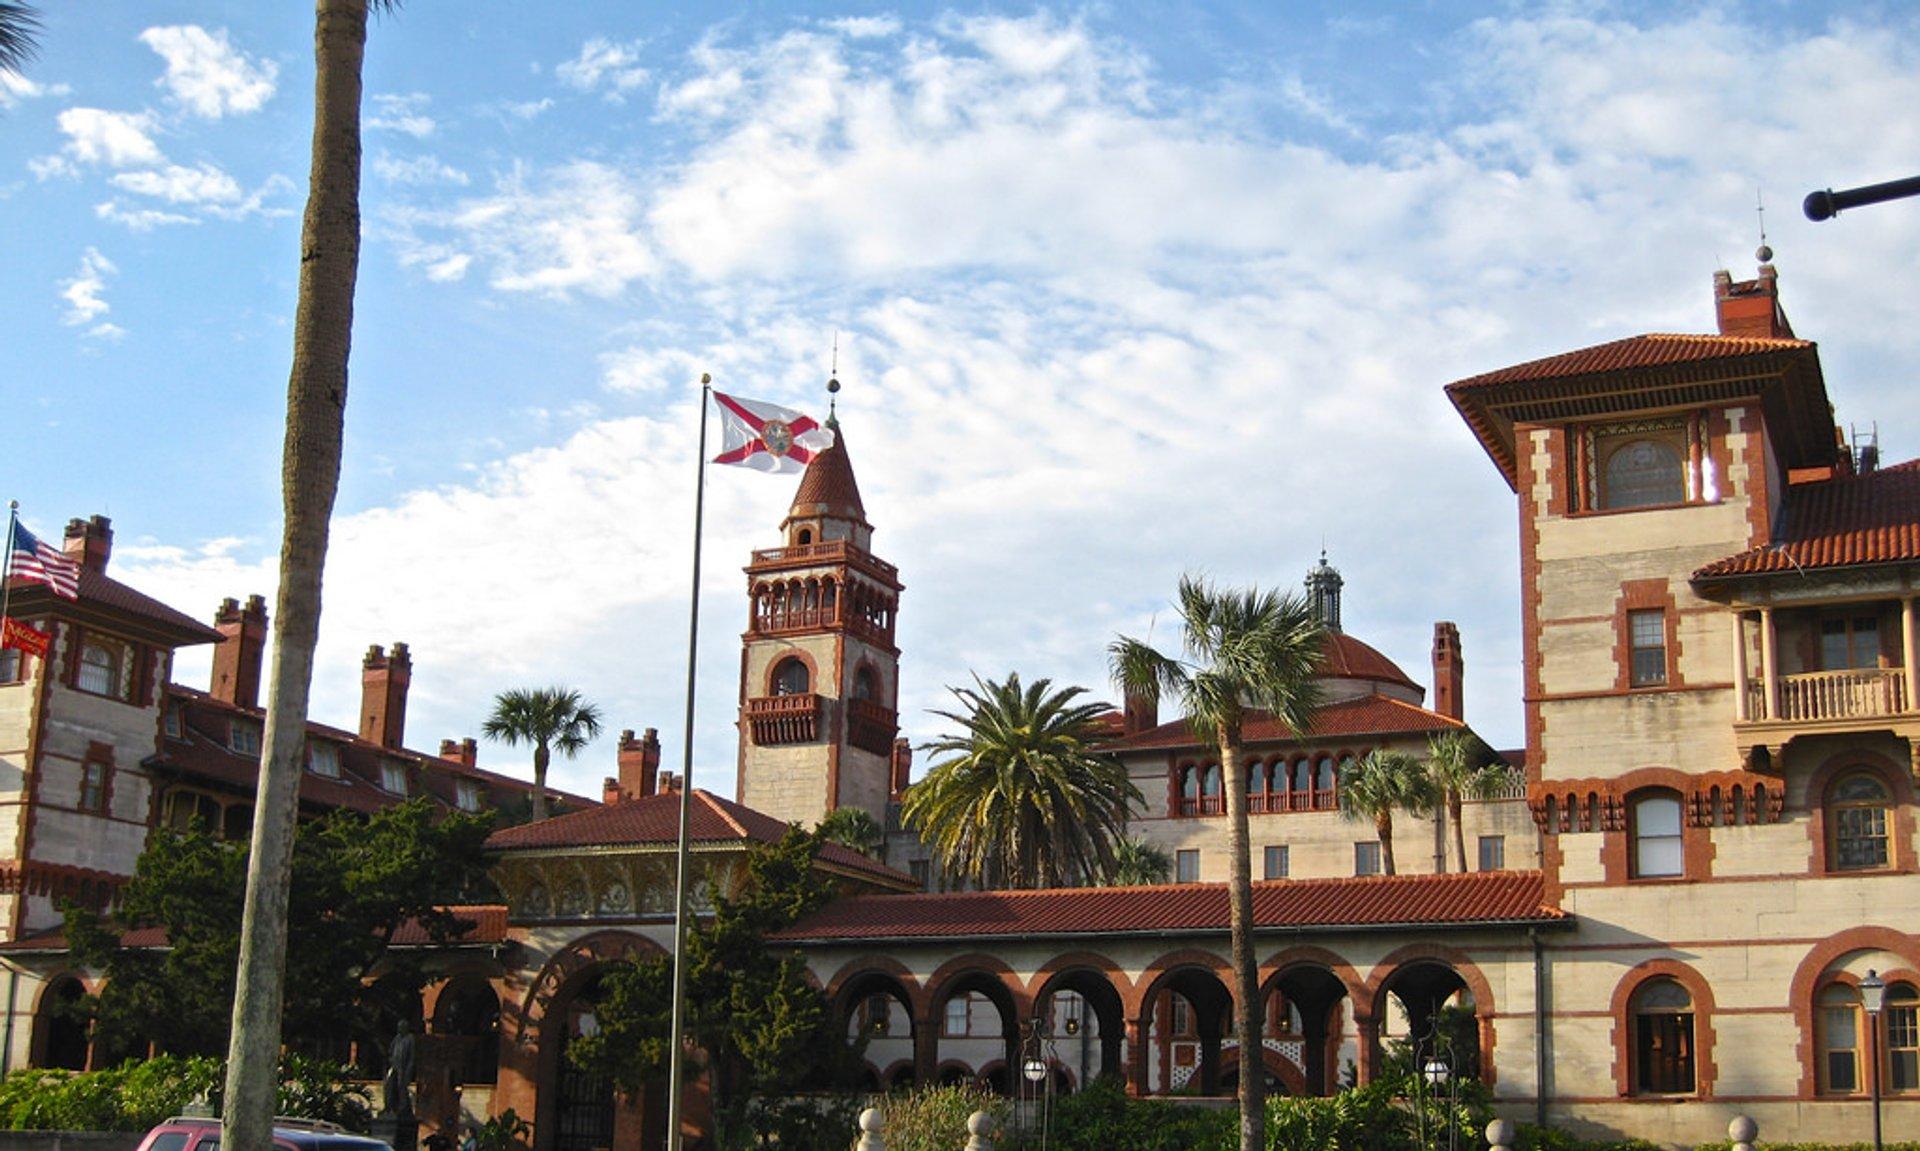 Ponce de Leon Hotel (Flagler College) in Florida 2020 - Best Time